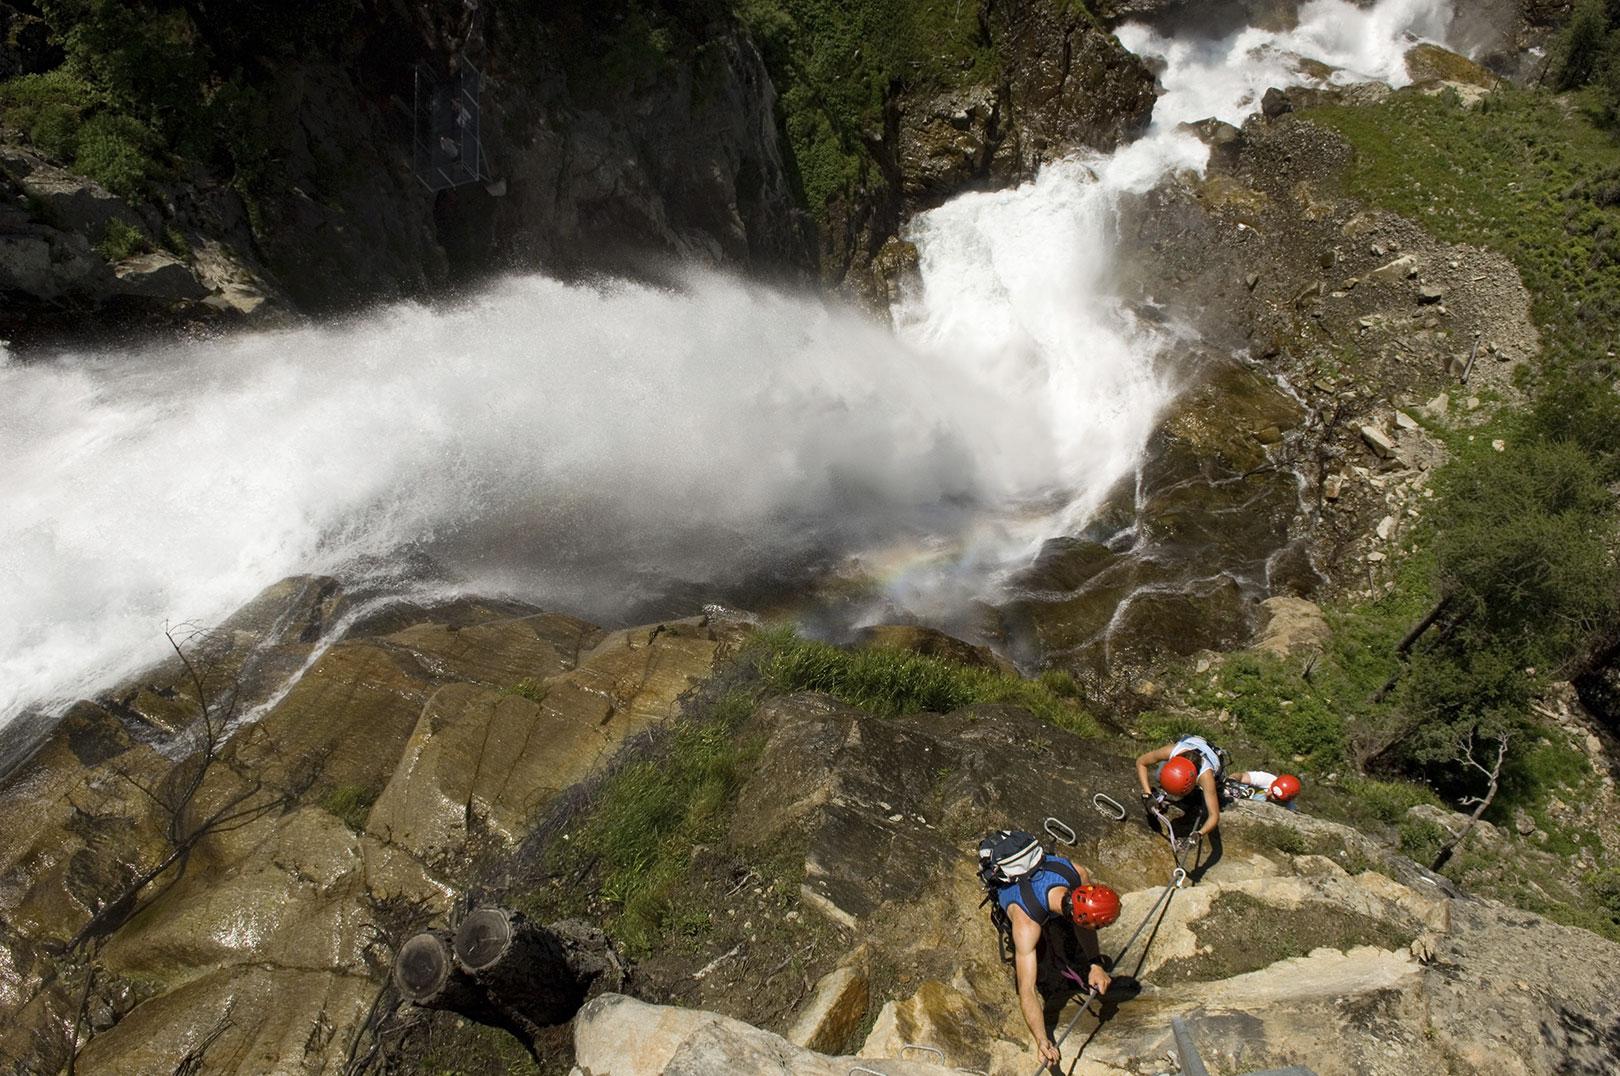 Klettersteig Oetztal : Klettersteig touren in tirol Österreich Ötztal imst